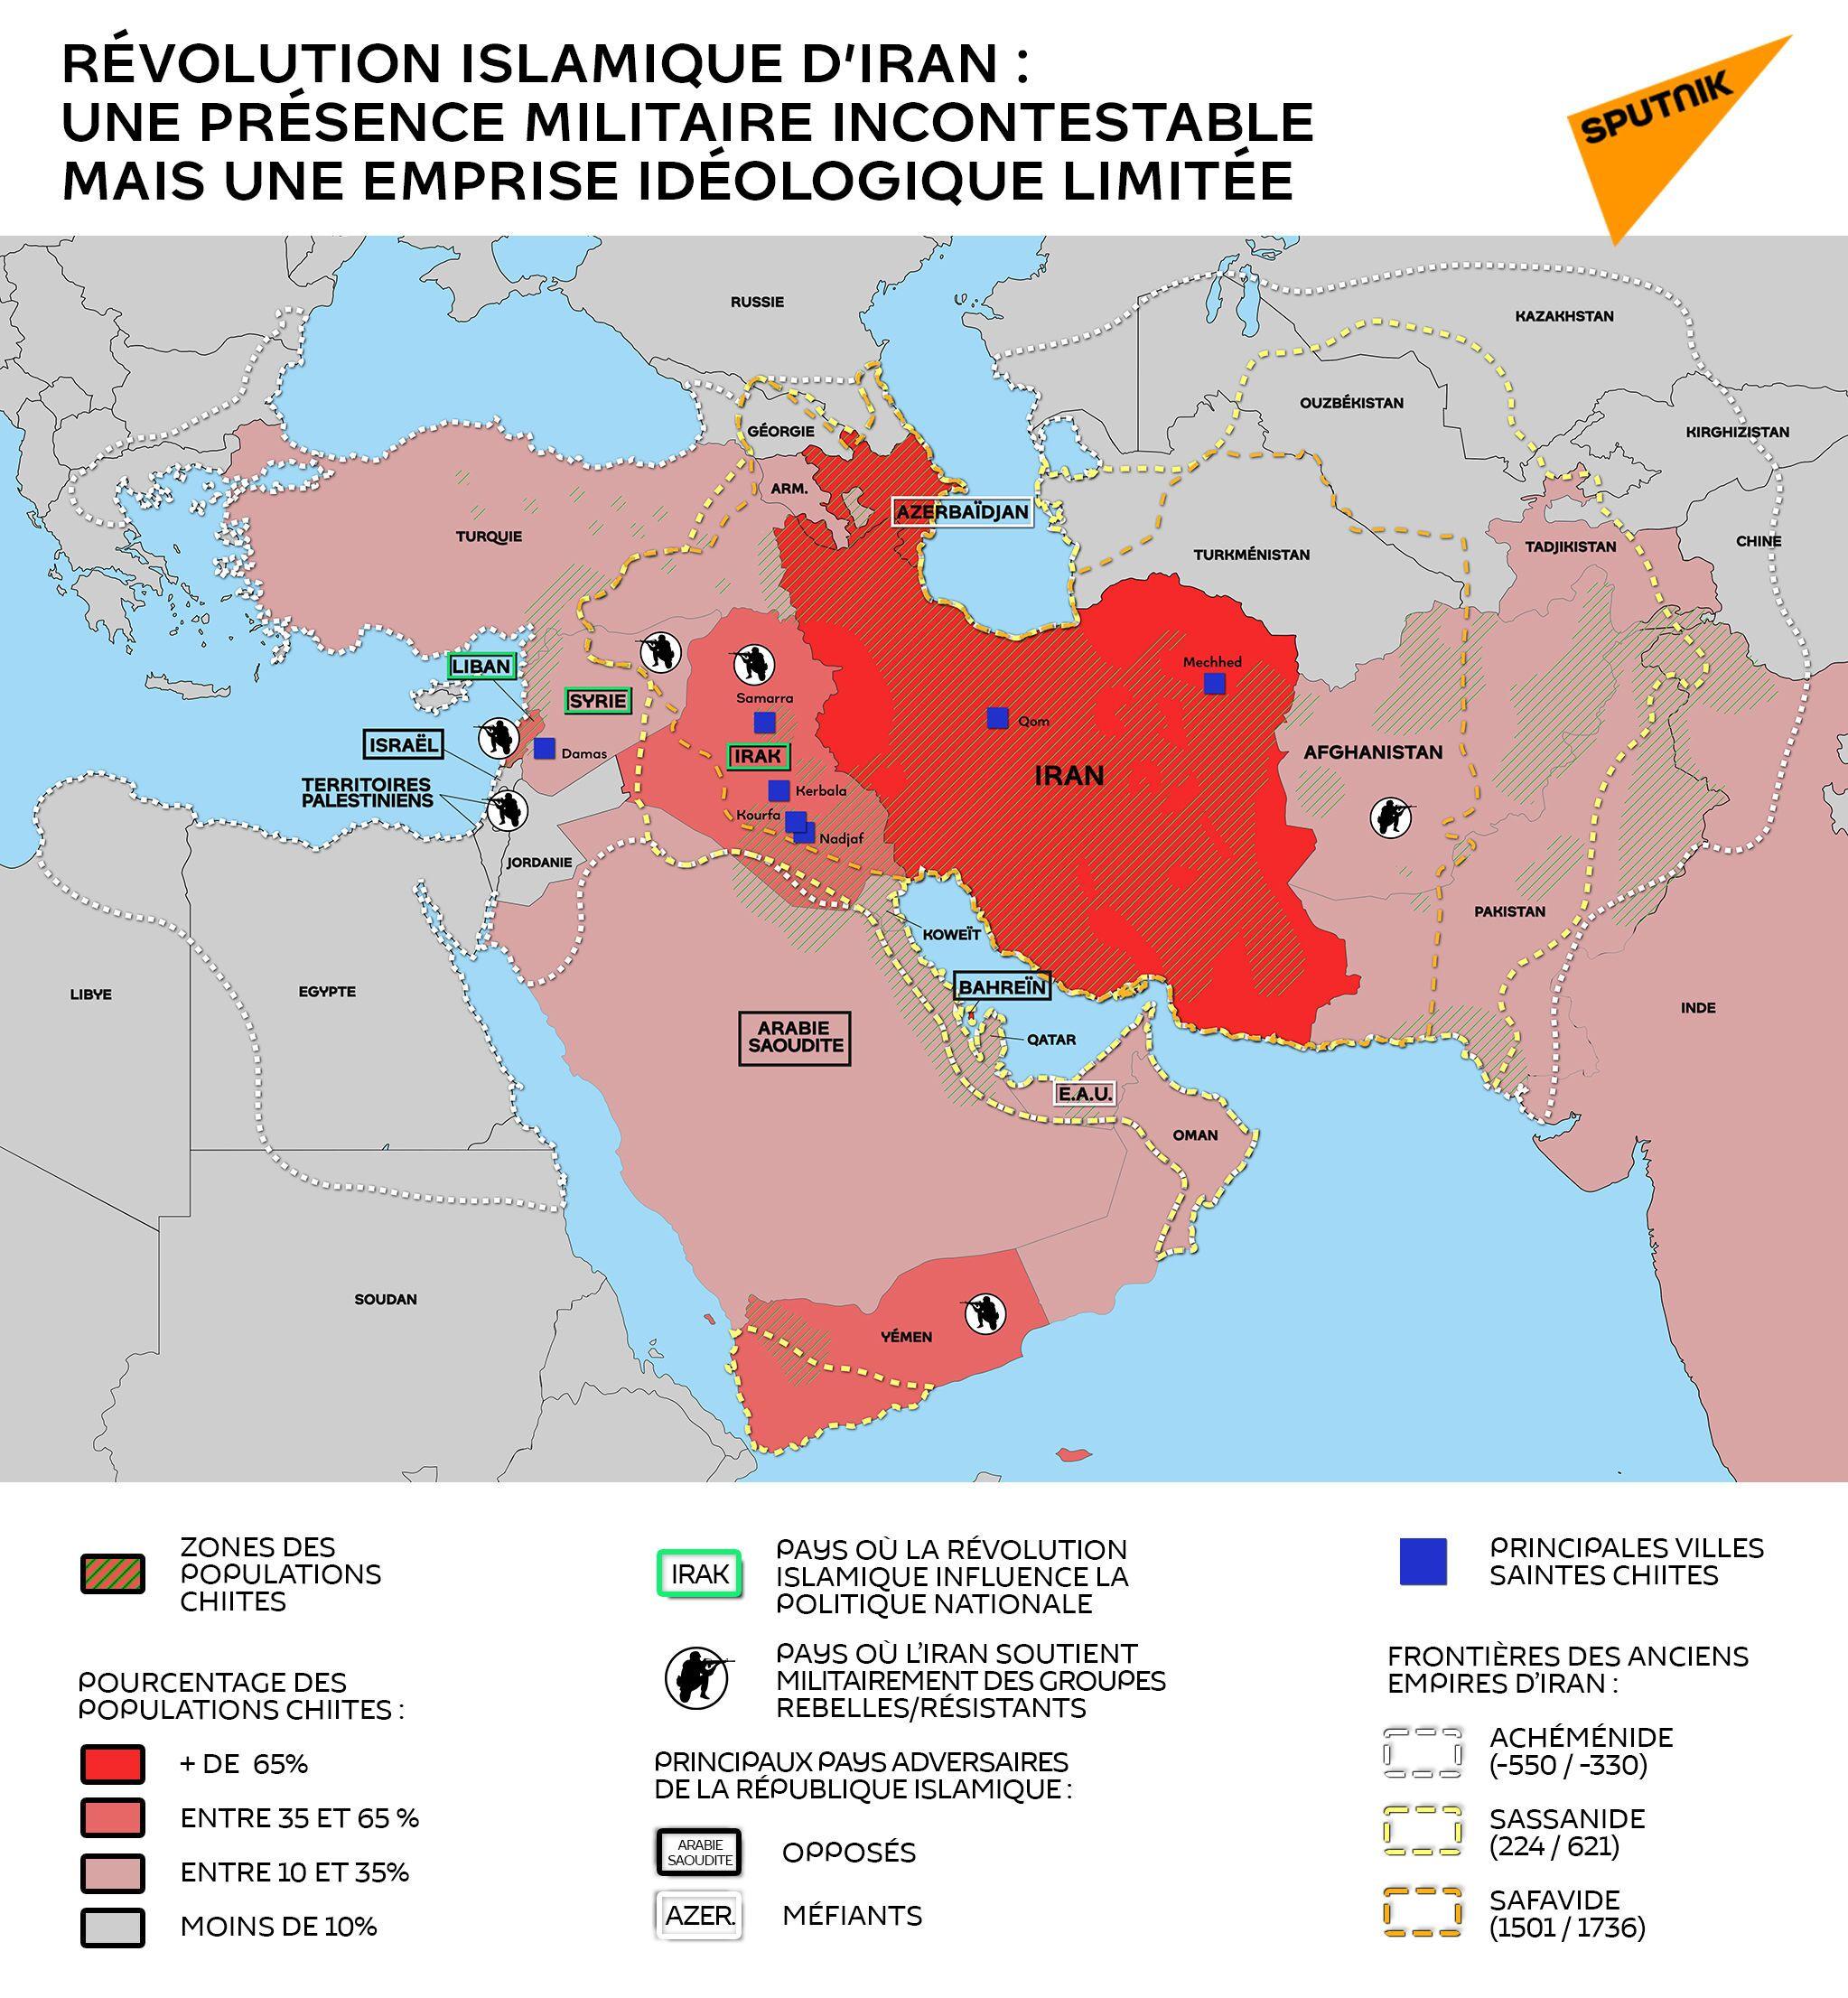 Révolution islamique d'Iran : une présence militaire incontestable mais une emprise idéologique limitée